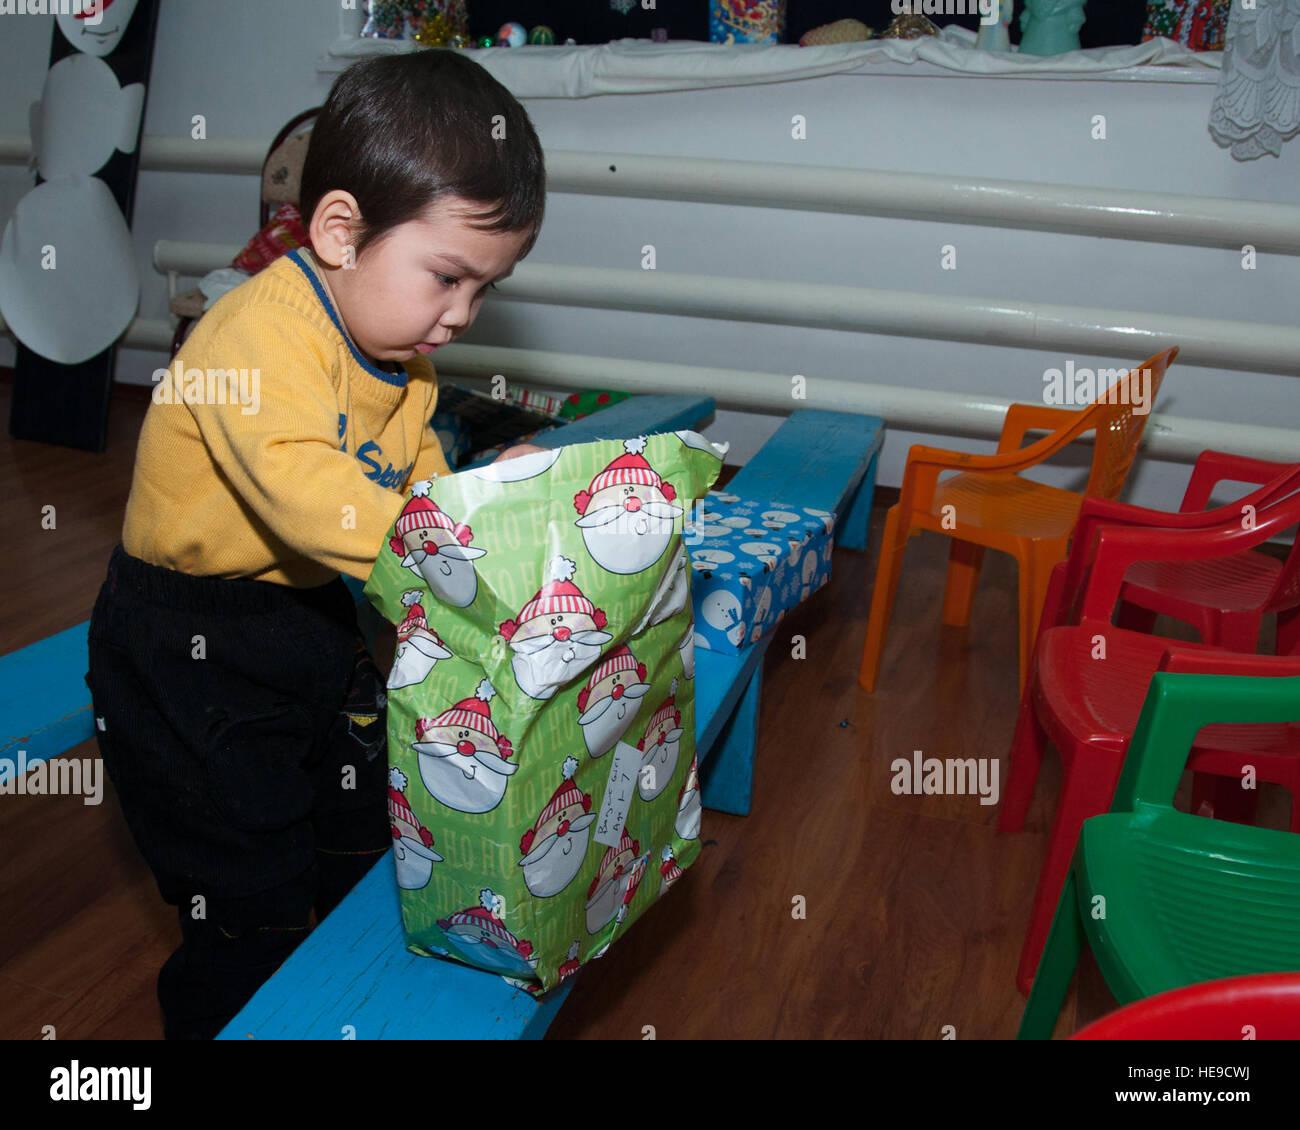 Ein kleiner Junge packt ein Geschenk im Vorschulalter Waisenhaus in ...